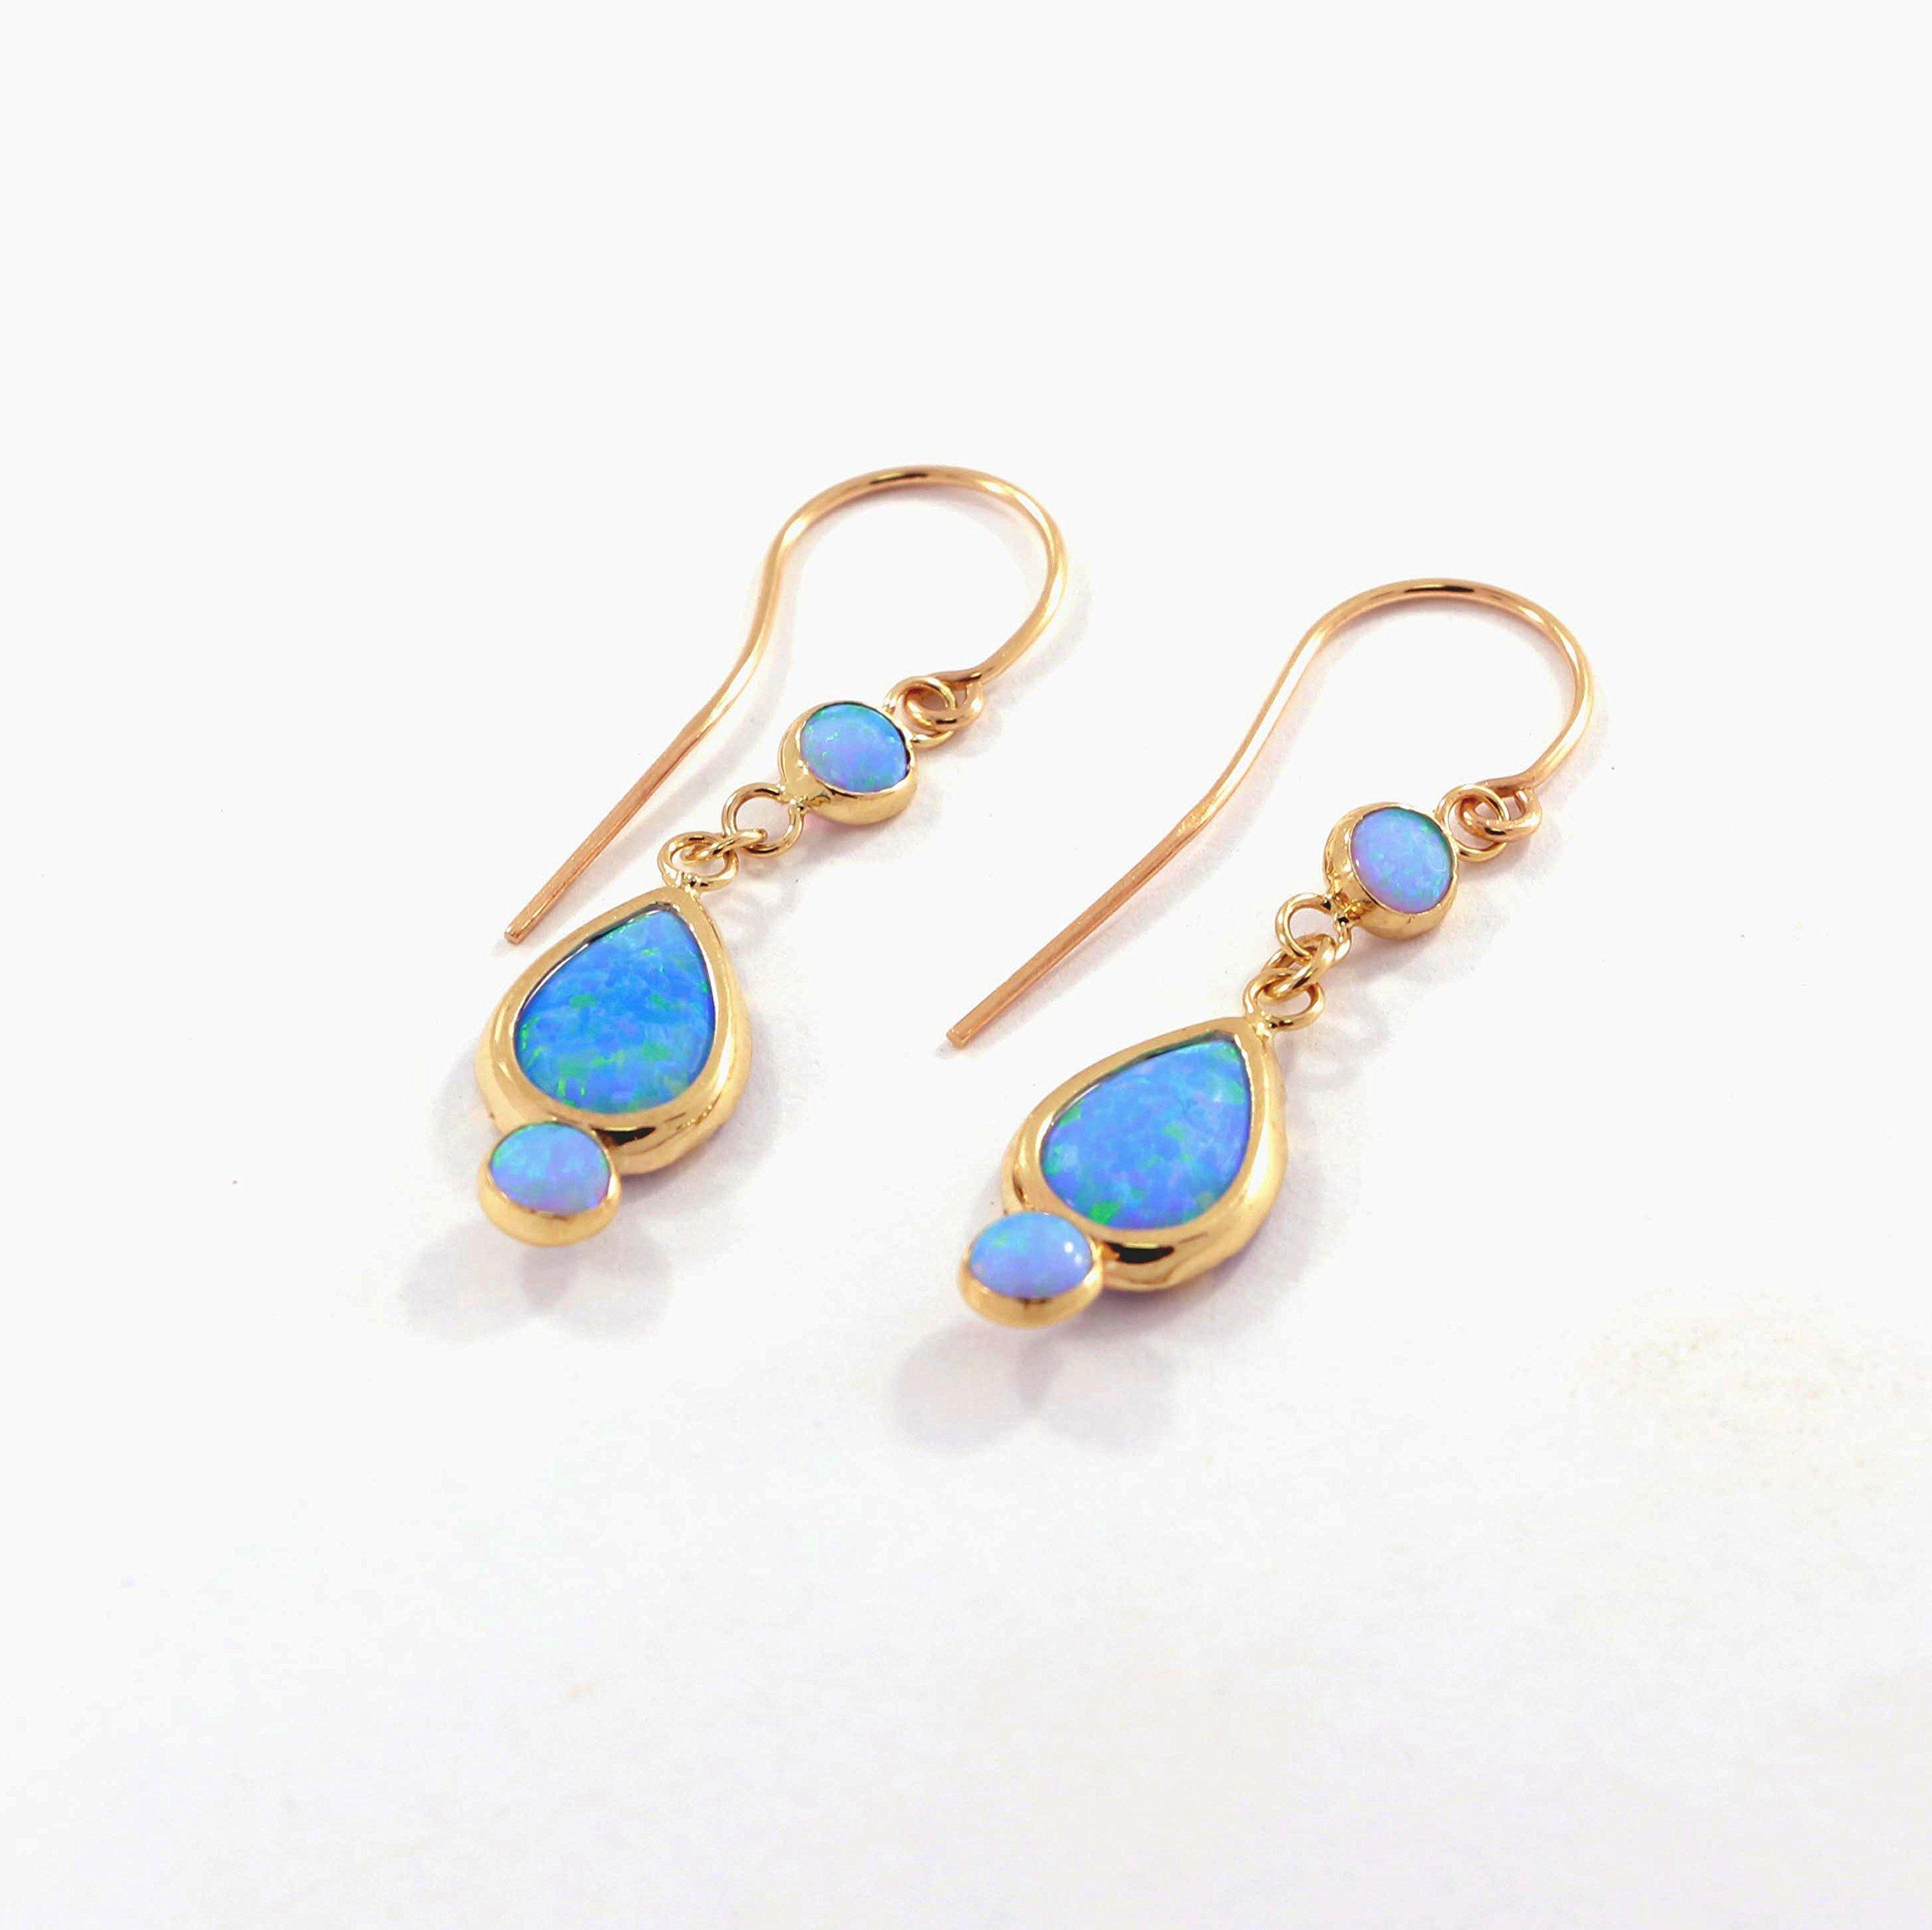 Blue Opal Earrings - 14k Gold Earrings - Gold Opal Earrings - Gold Drop Earrings